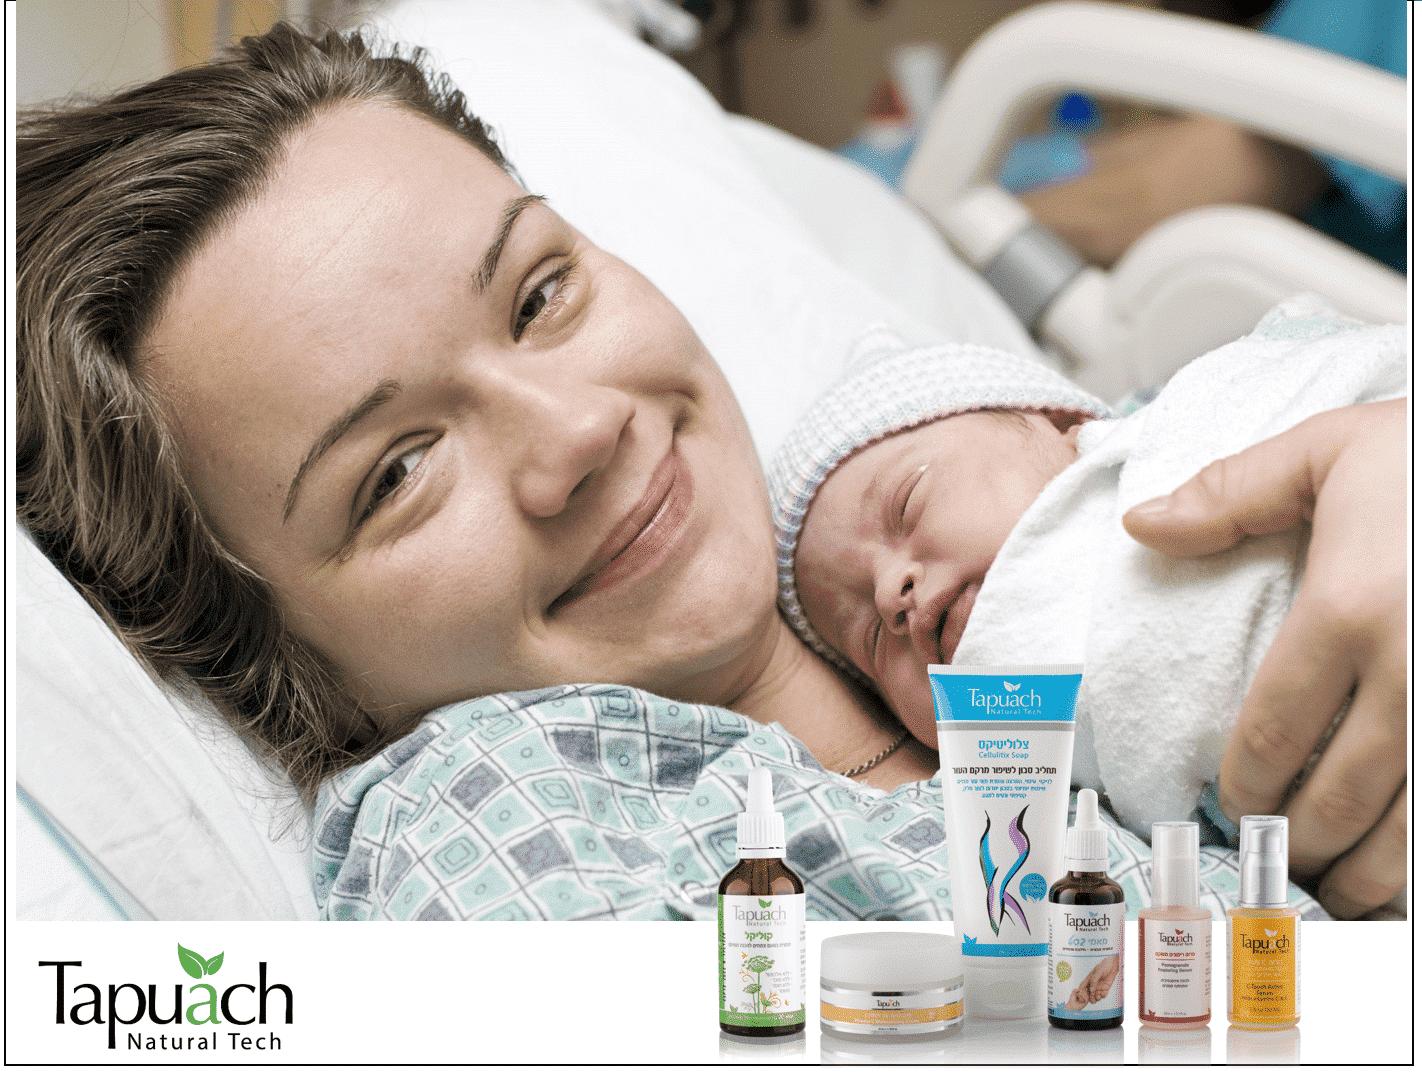 גזים אצל תינוקות, בעיות עיכול , טיפול בגזים אצל תינוקות